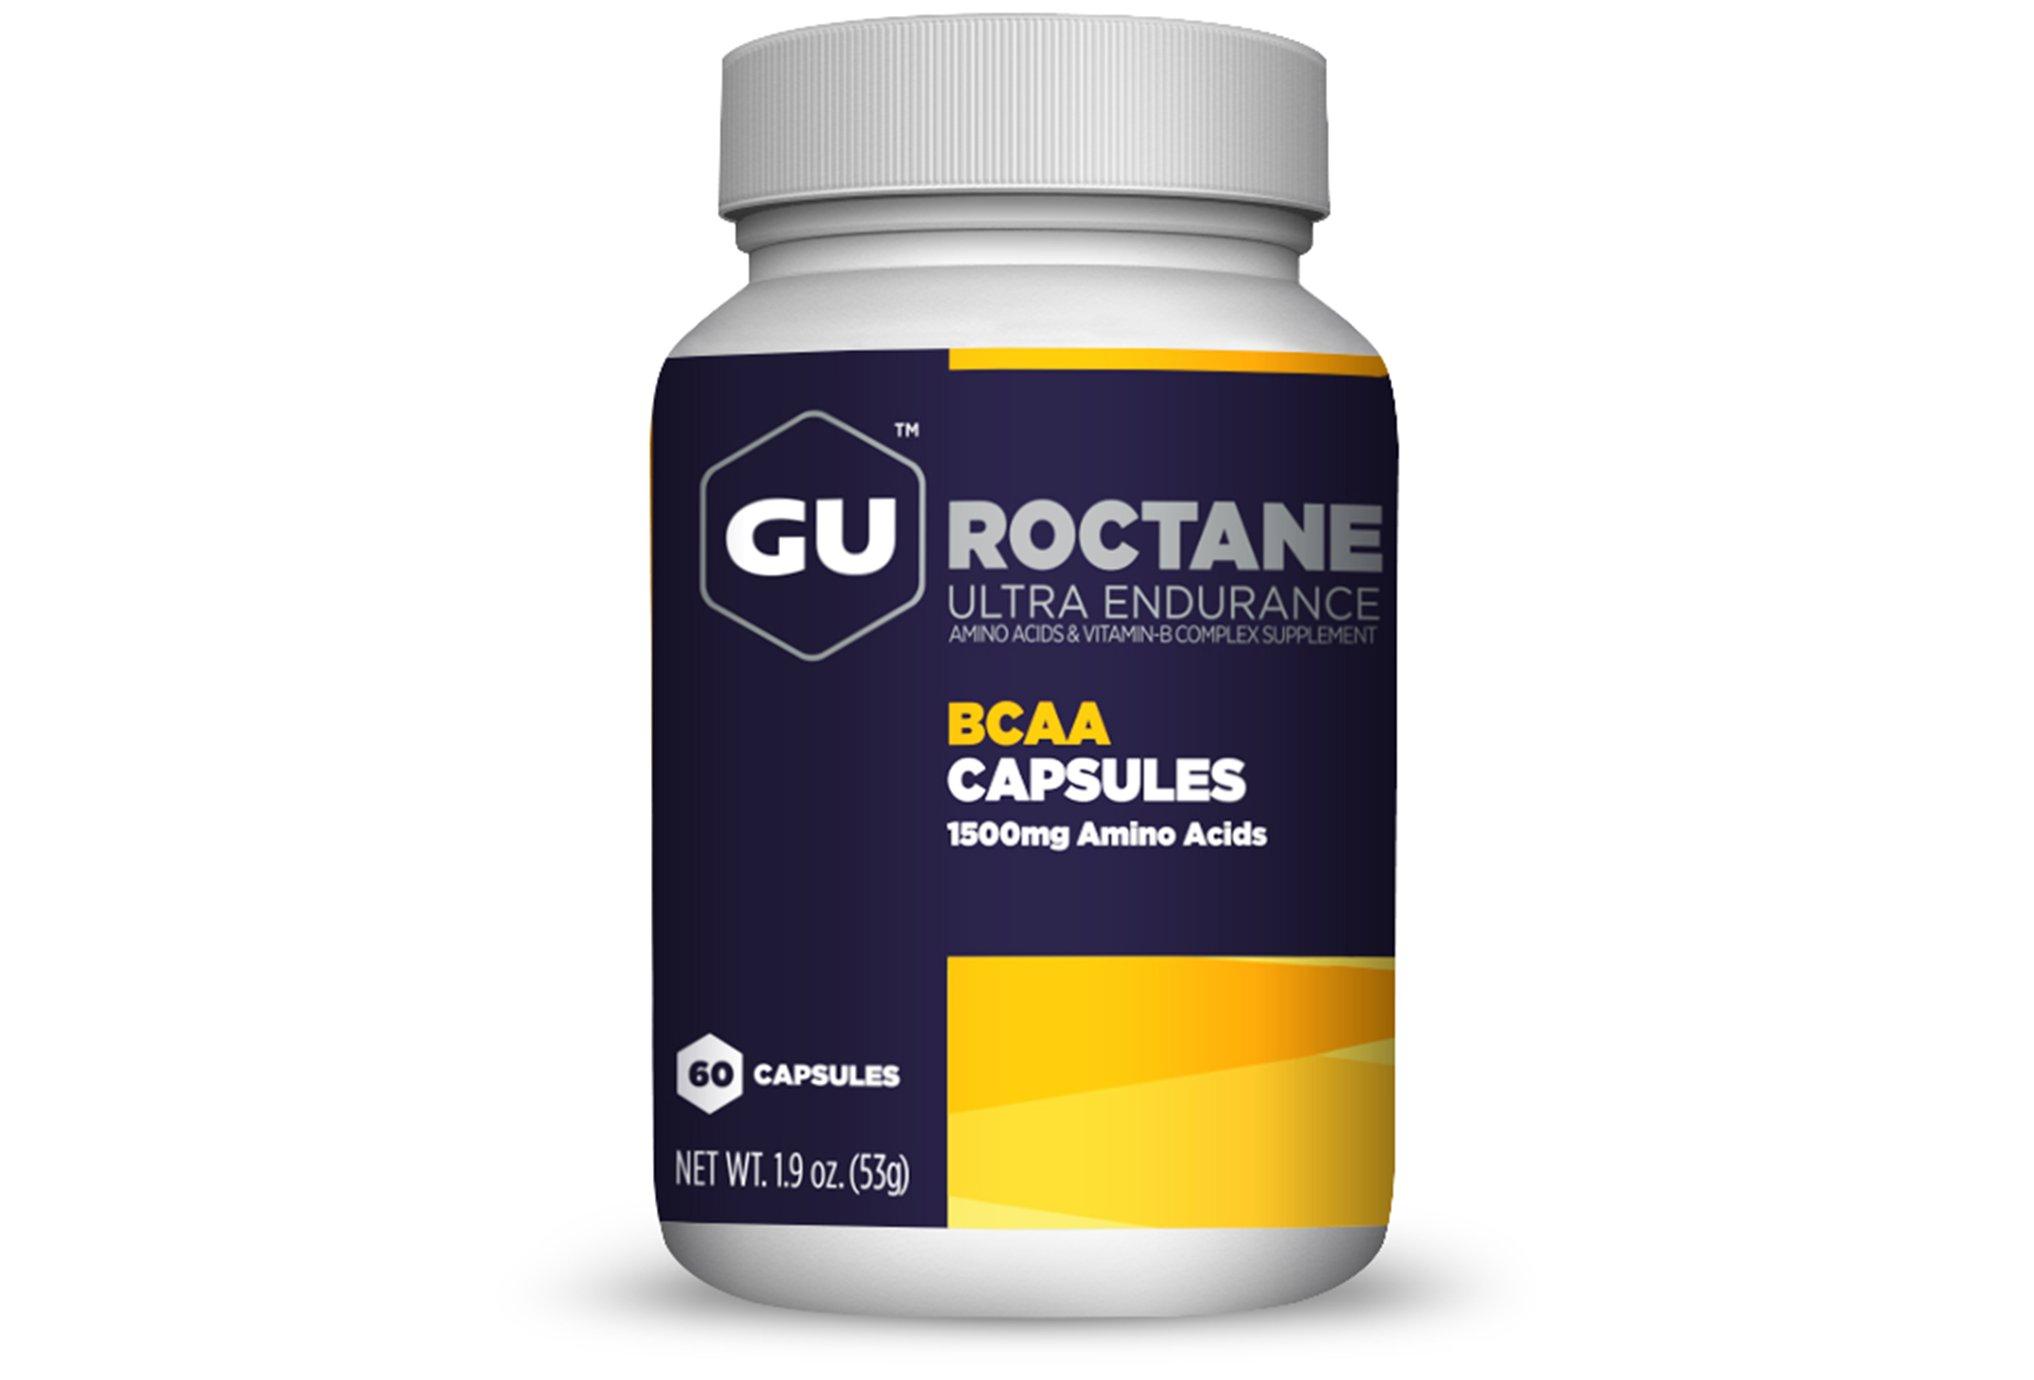 GU Roctane Ultra Endurance BCAA Capsules Diététique Compléments